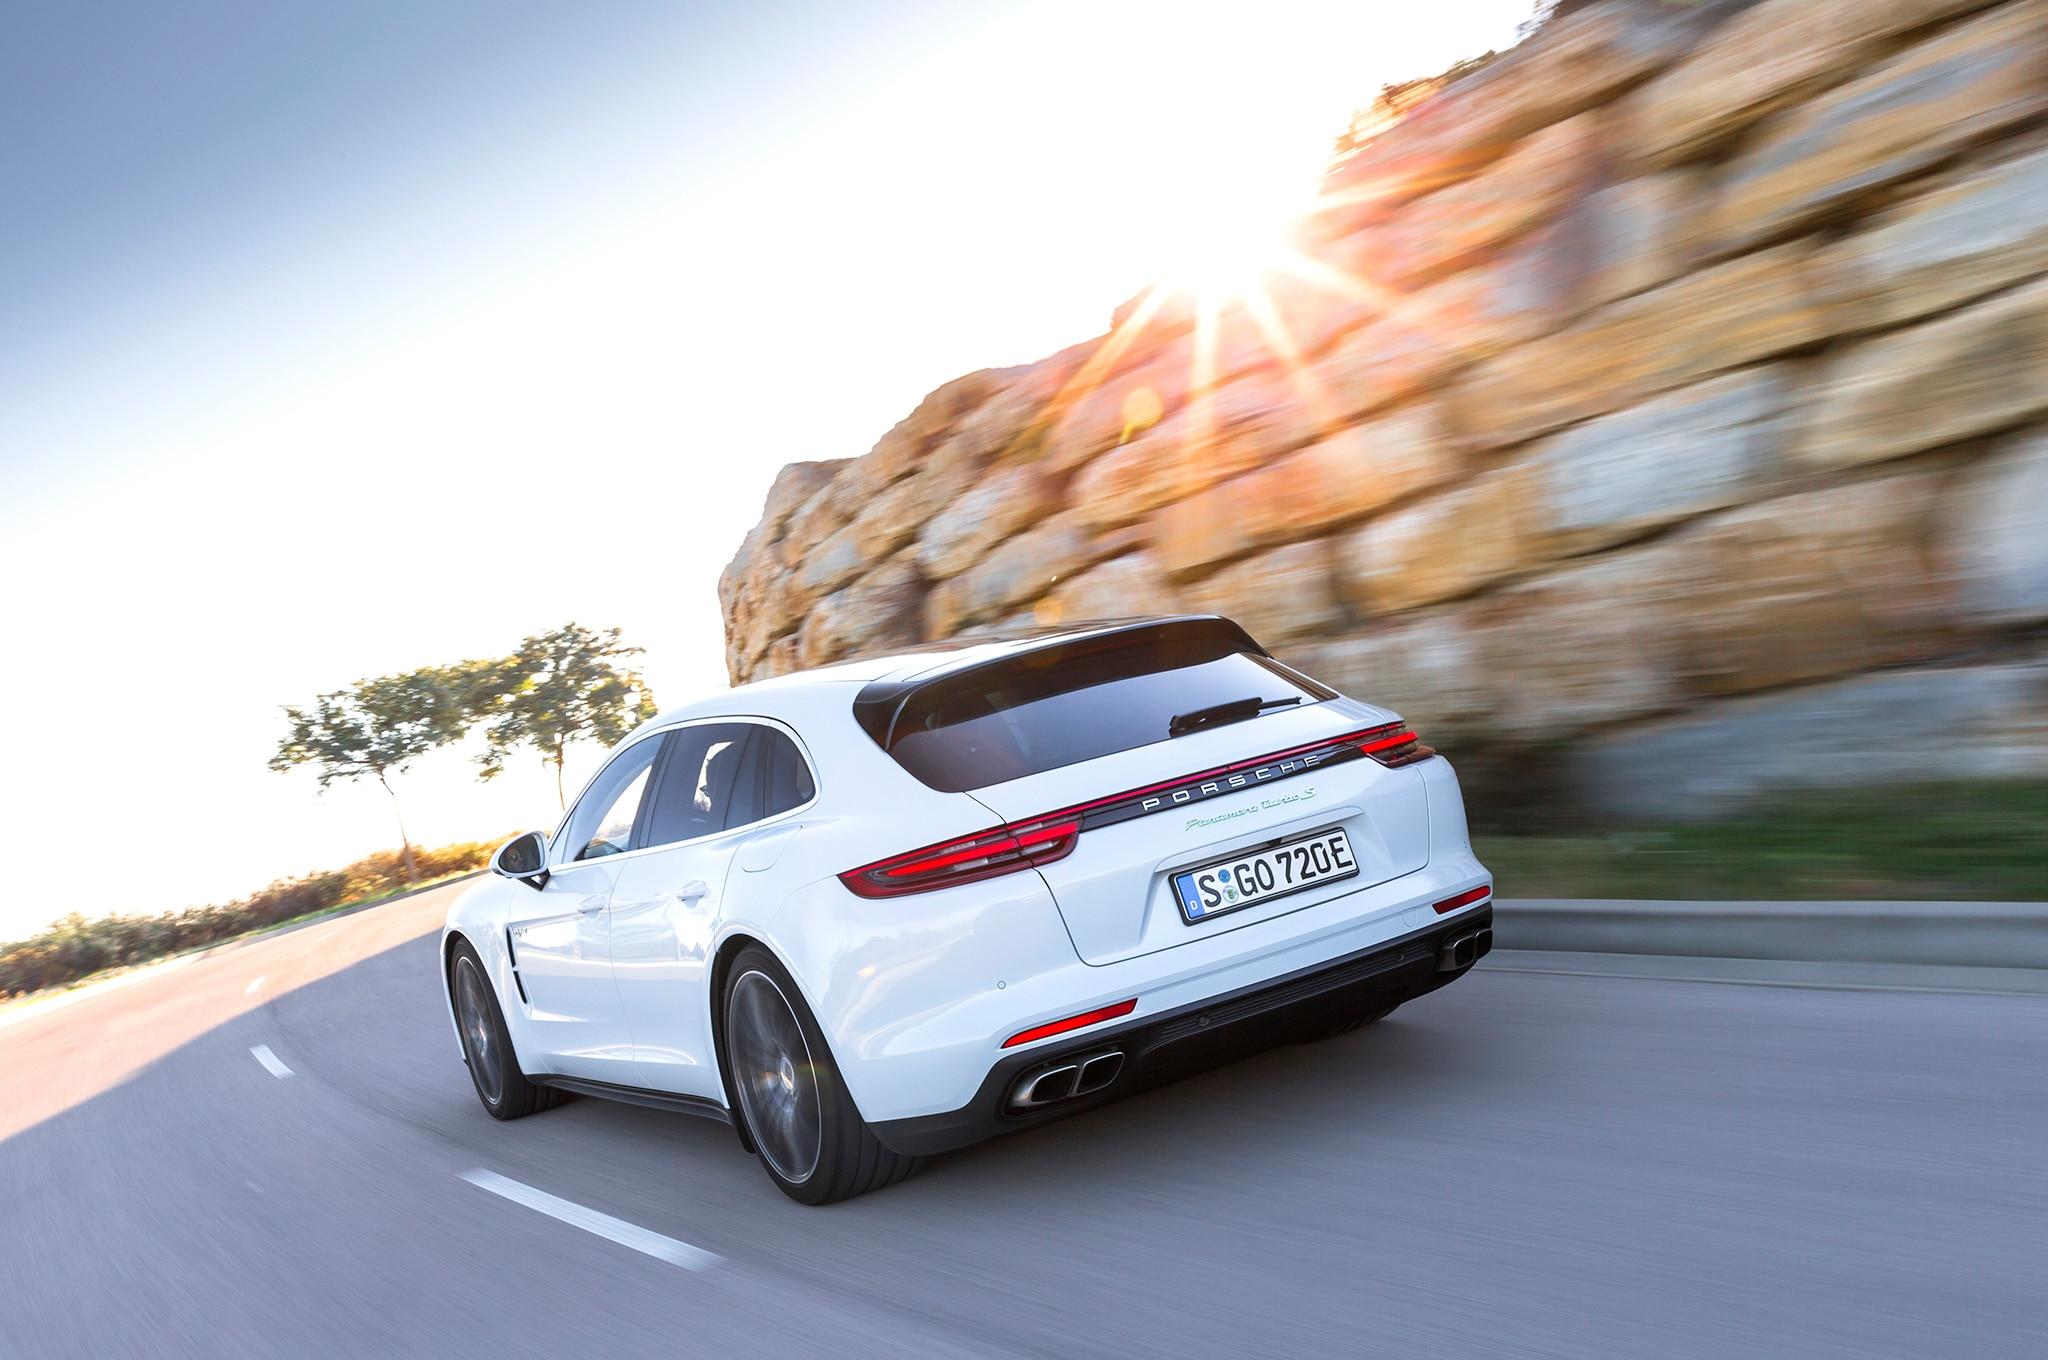 2018 Porsche Panamera Turbo S E Hybrid Sport Turismo Rear Three Quarter In Motion 04